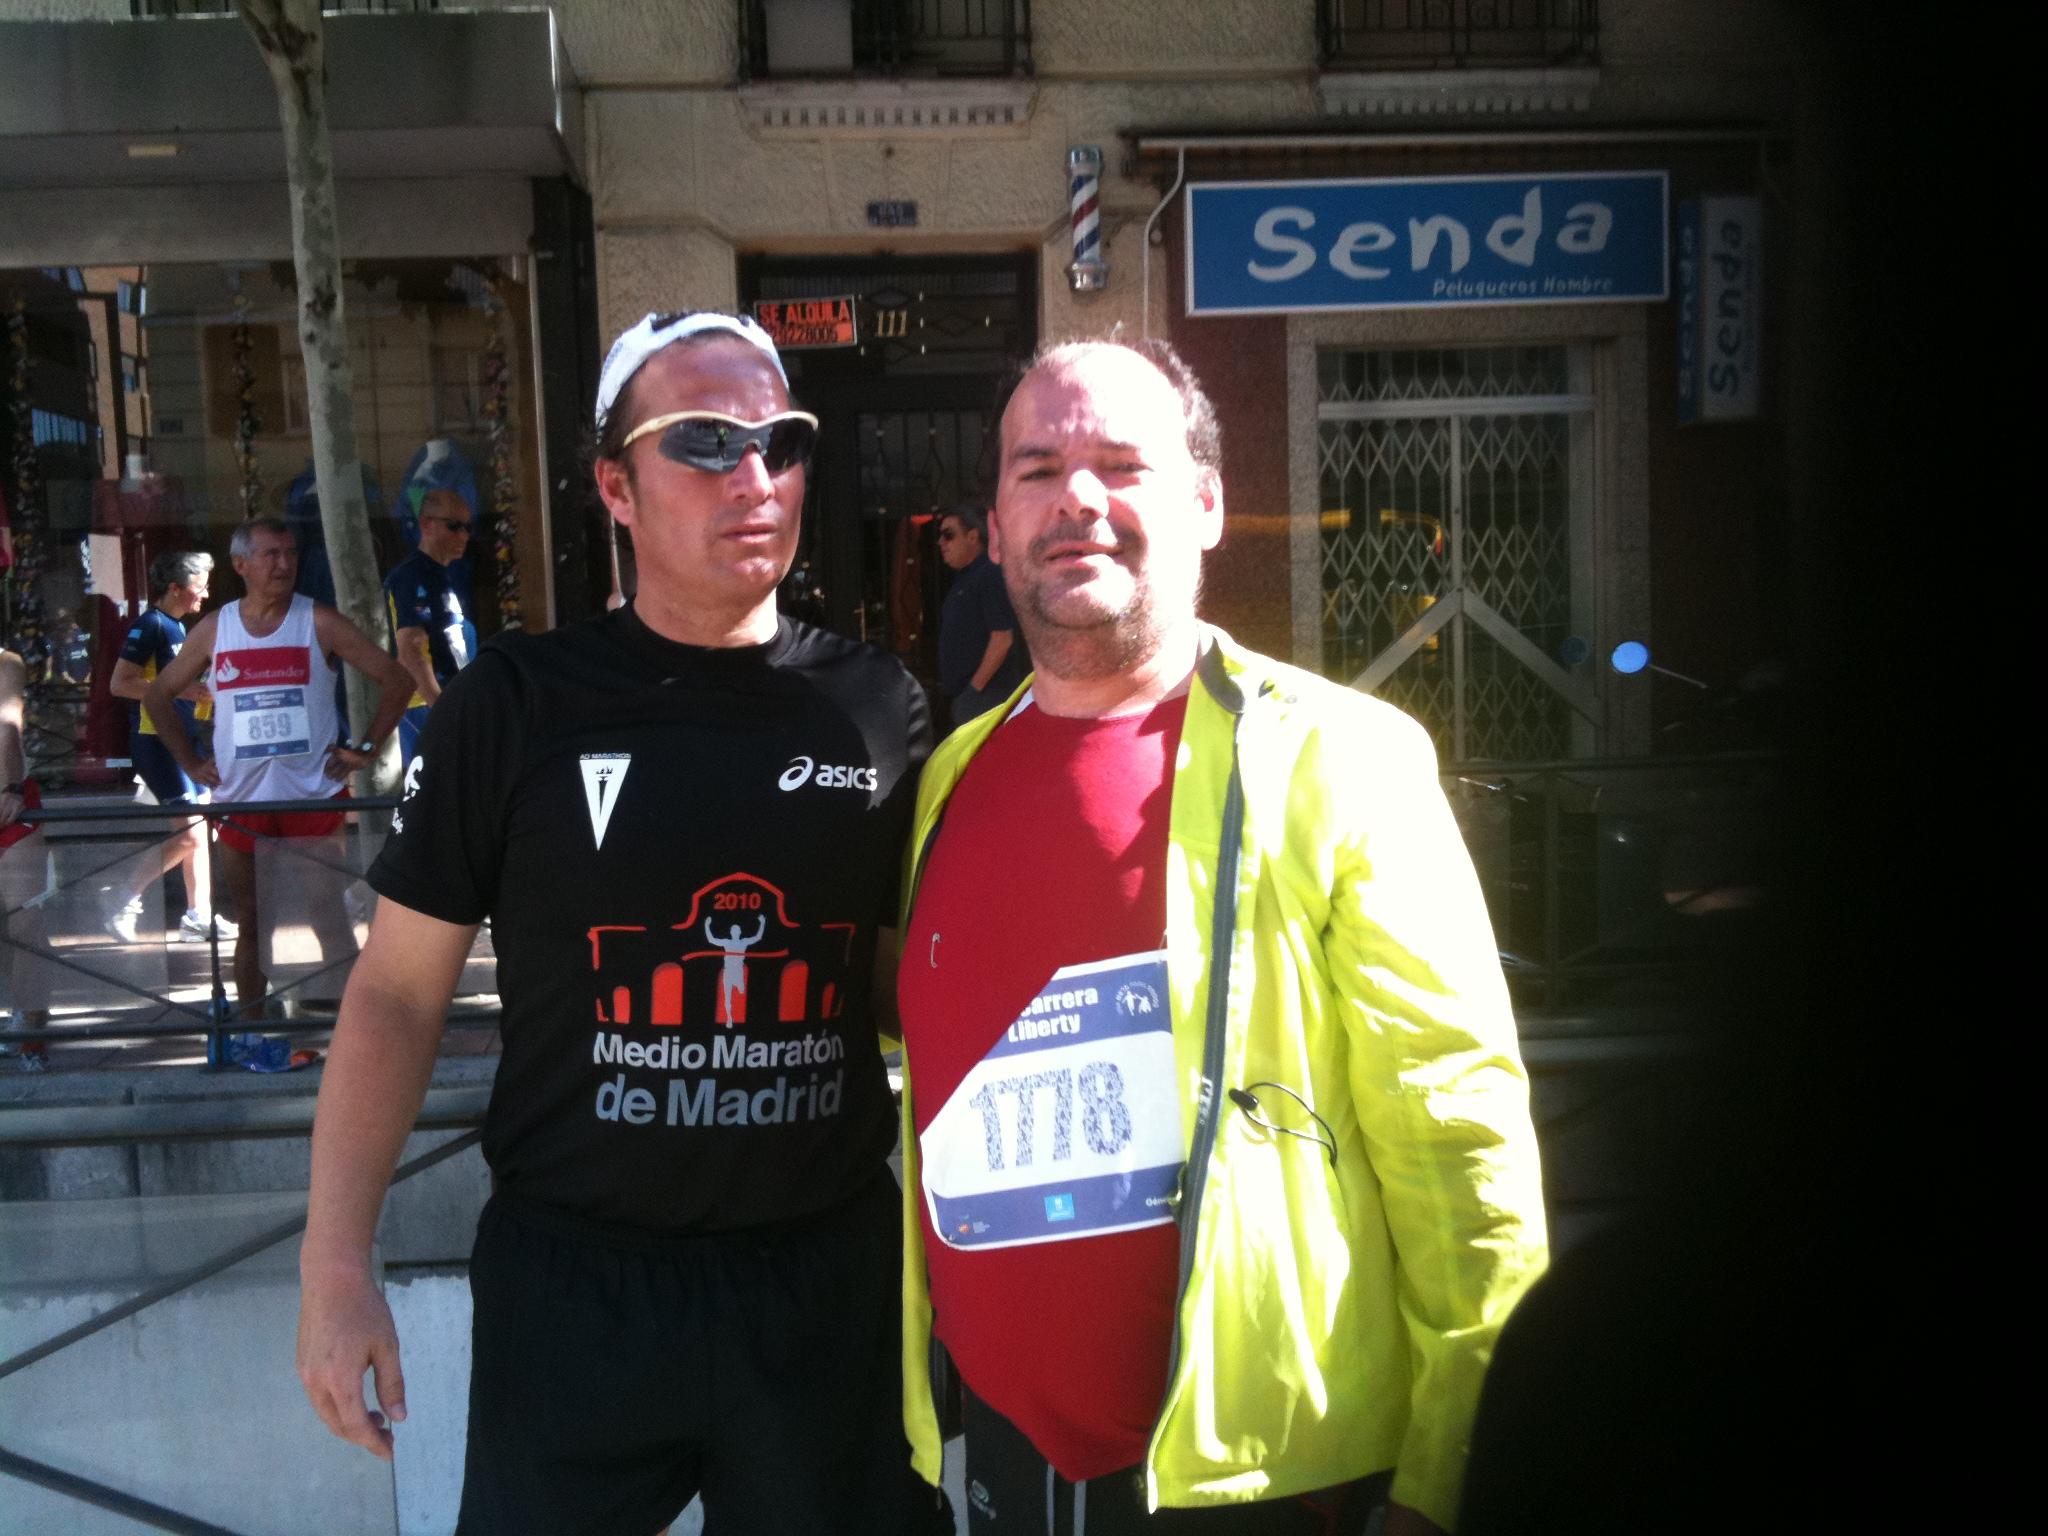 """De esa """"guisa"""" me presenté a correr mi primer 10k. Era un último de Mayo, de 2010, e hice un """"tiempazo"""" de 1:03."""